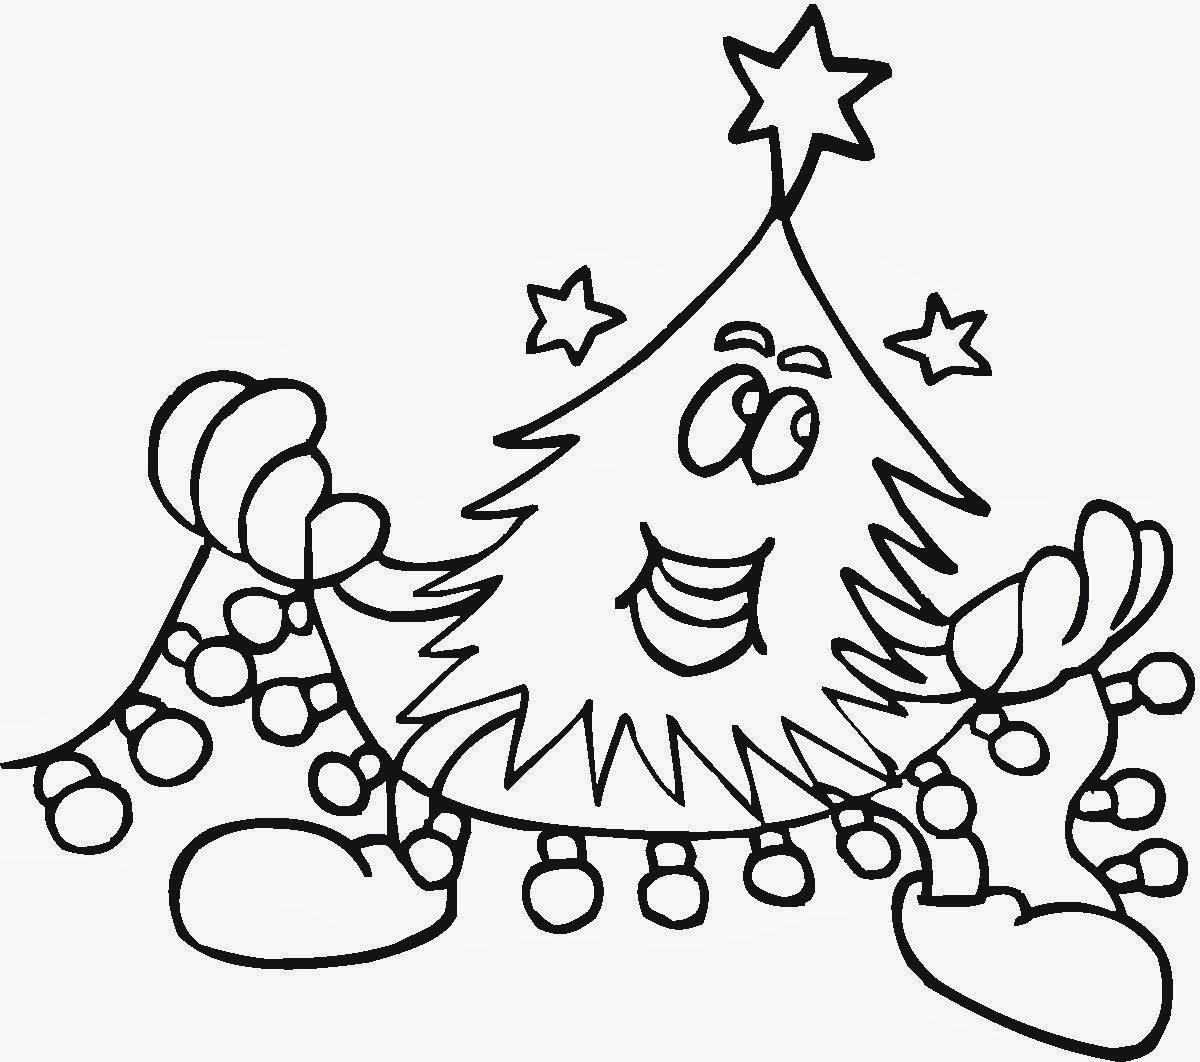 Banco de Imagenes y fotos gratis: Arbol de Navidad para Colorear ...